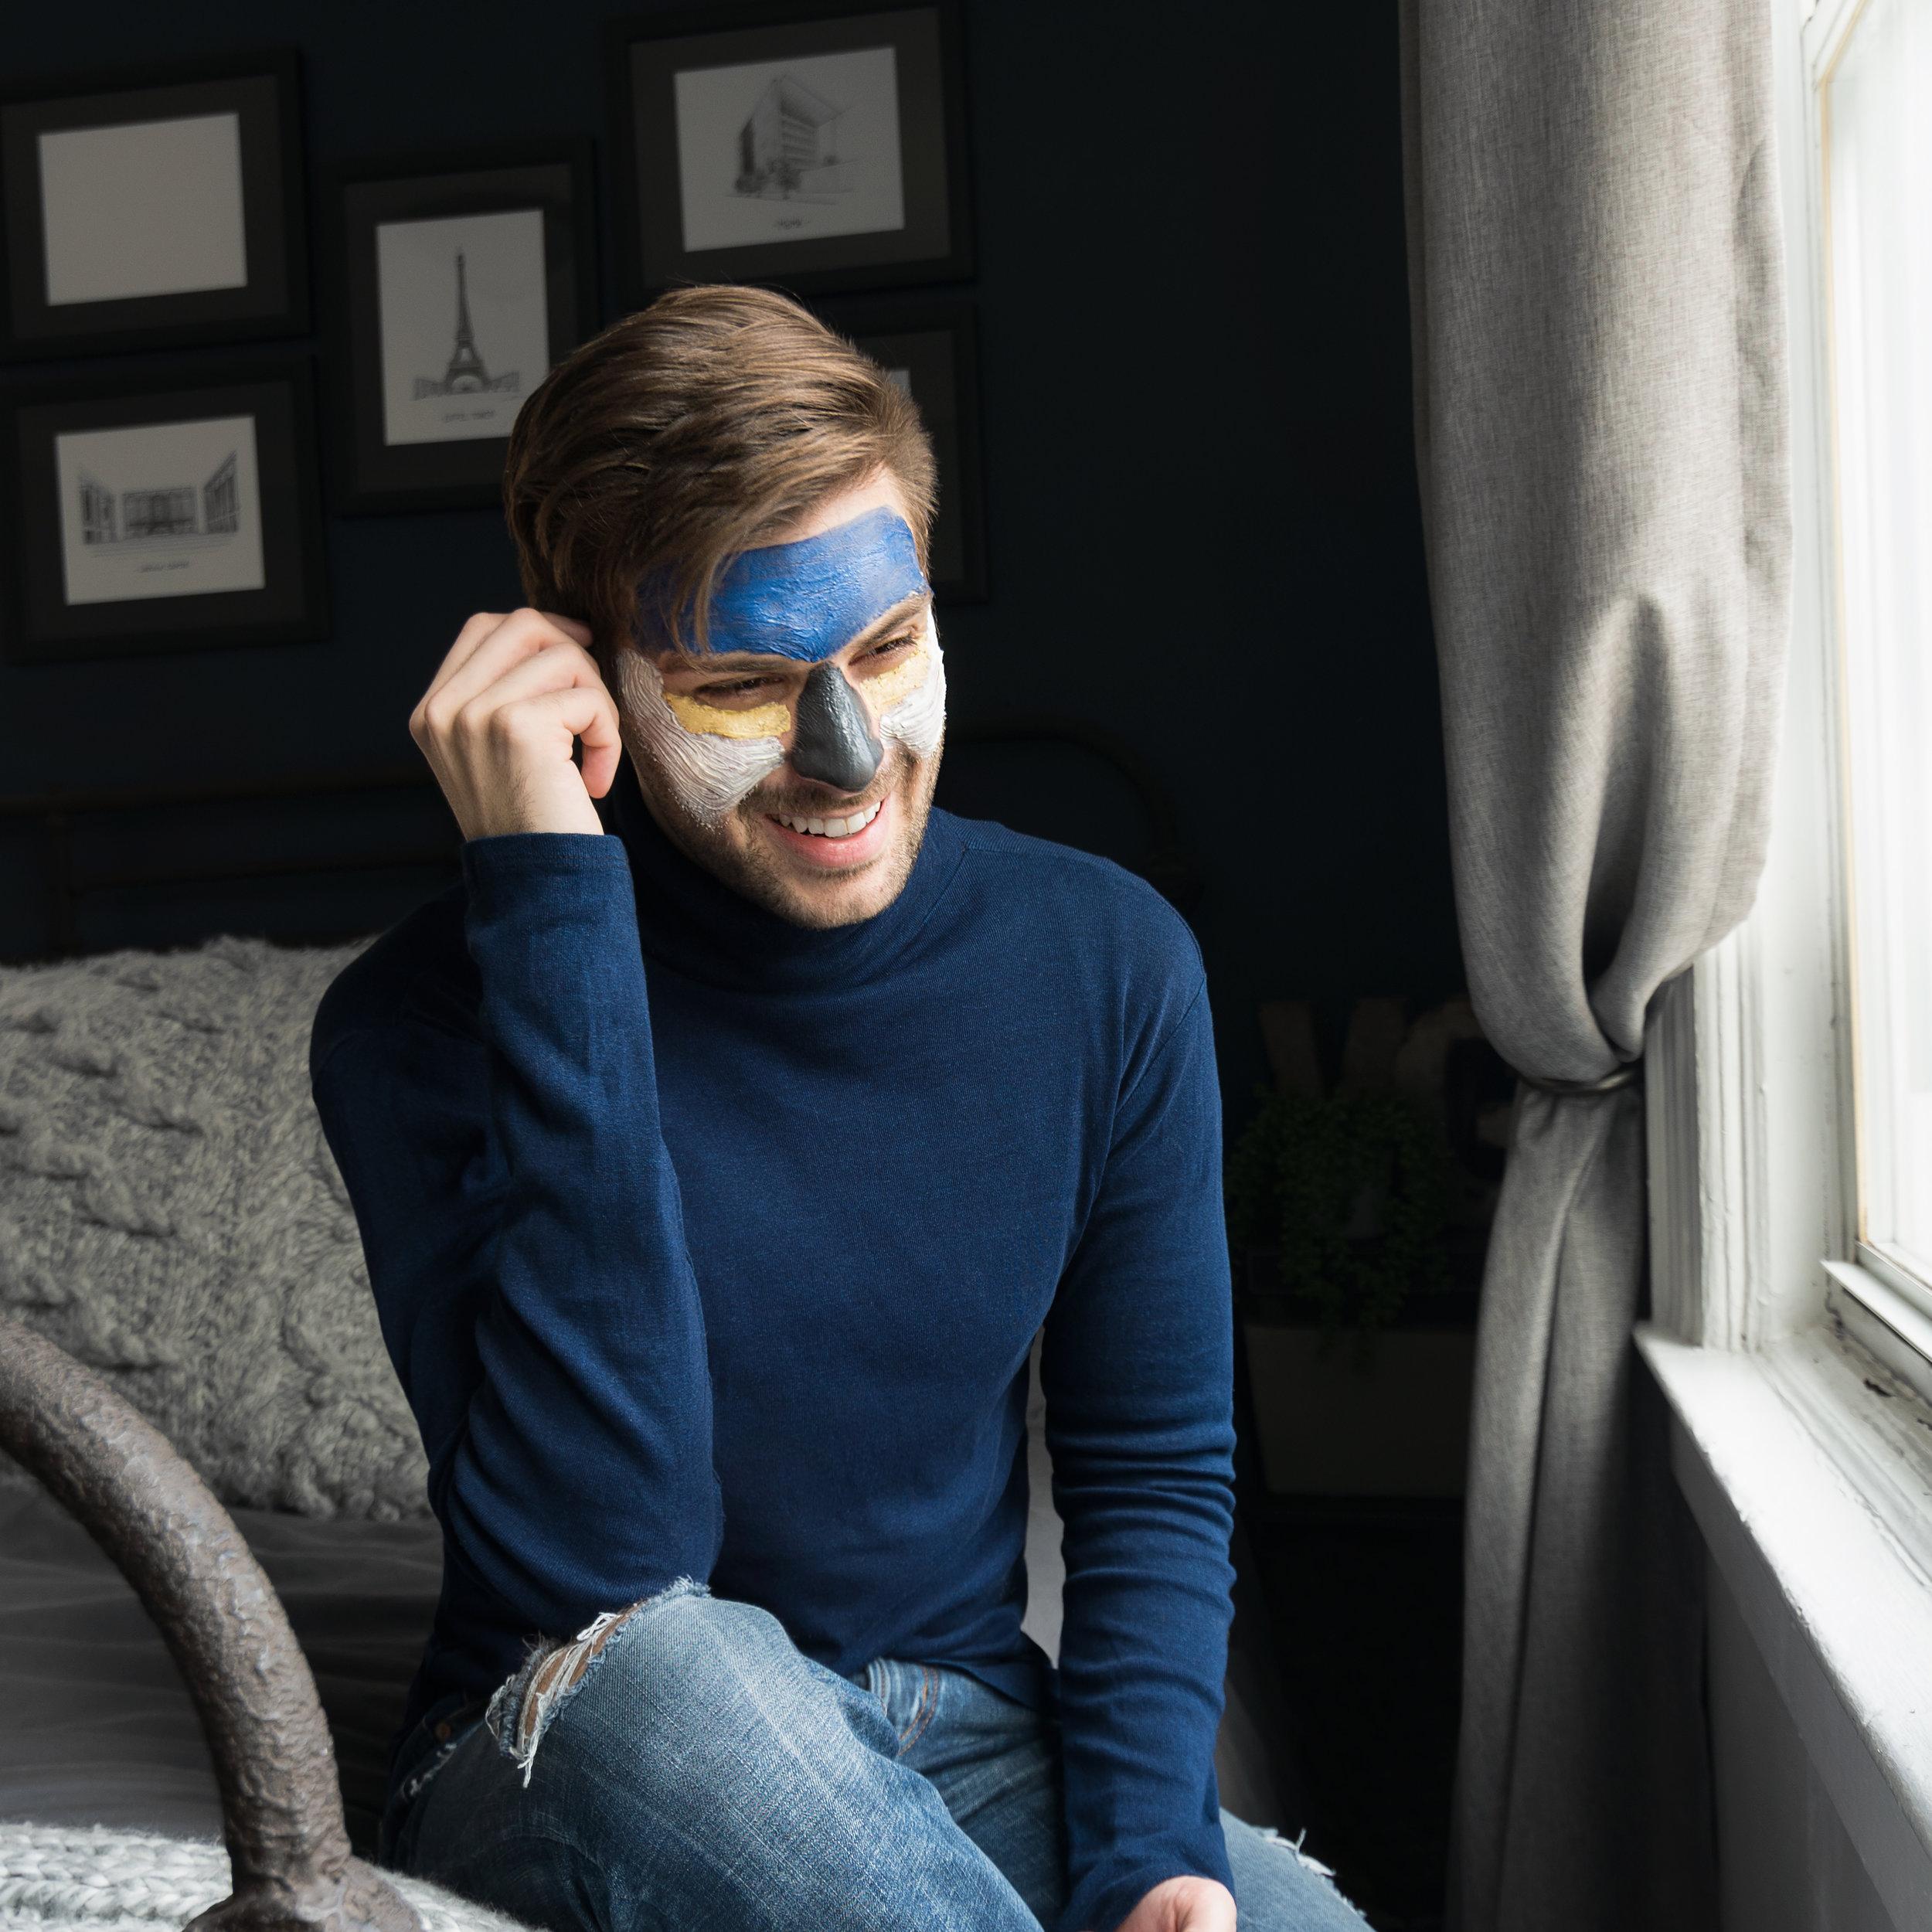 Masc for Mask | The Modern Otter